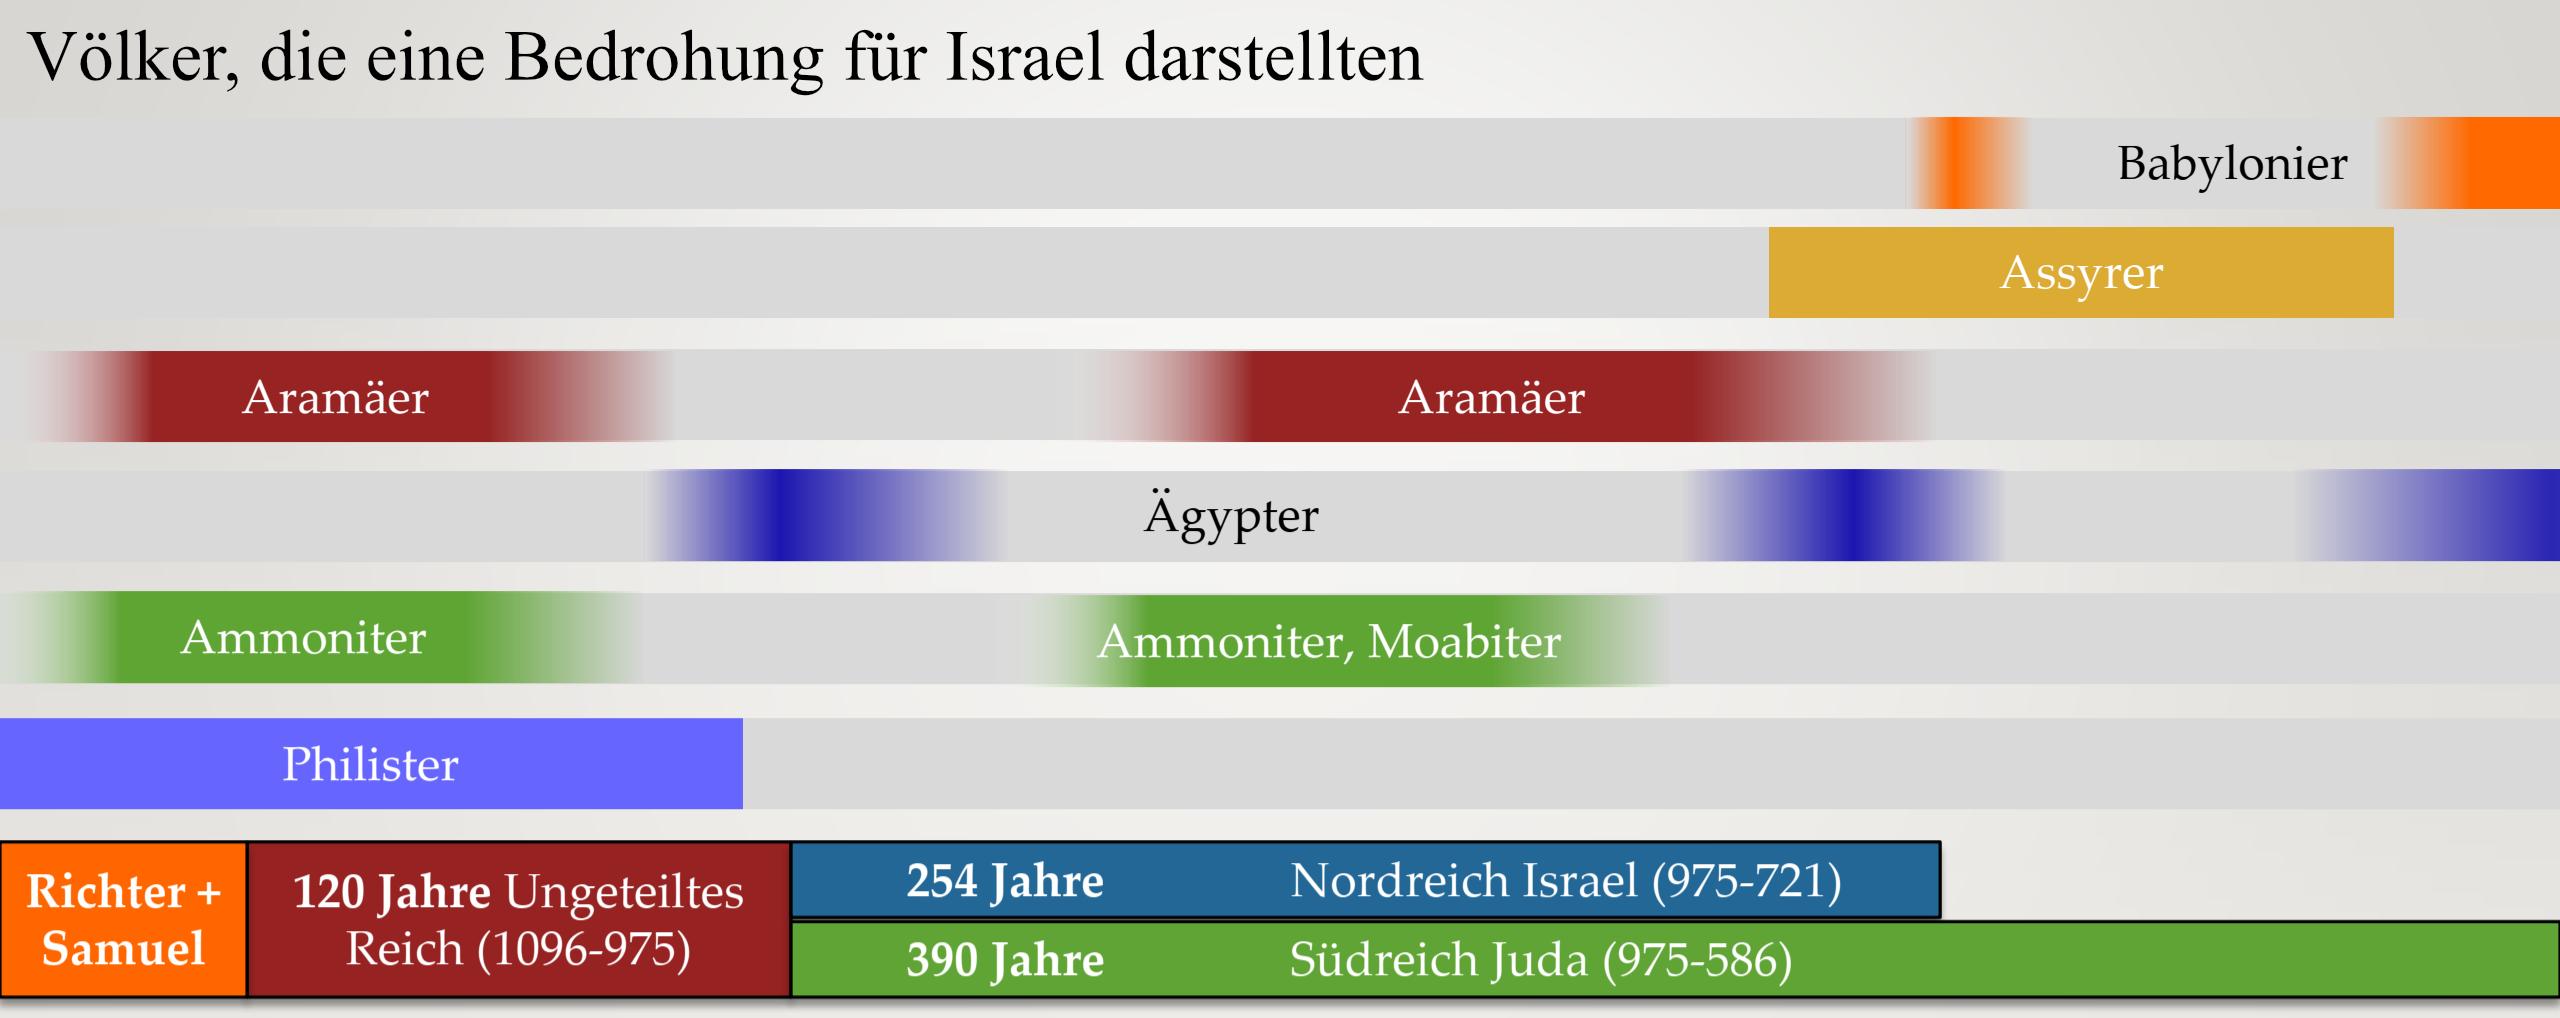 Ein Zeitstrahl der die Völker darstellt, die für die Reiche Israel und Juda eine Bedrohung waren.